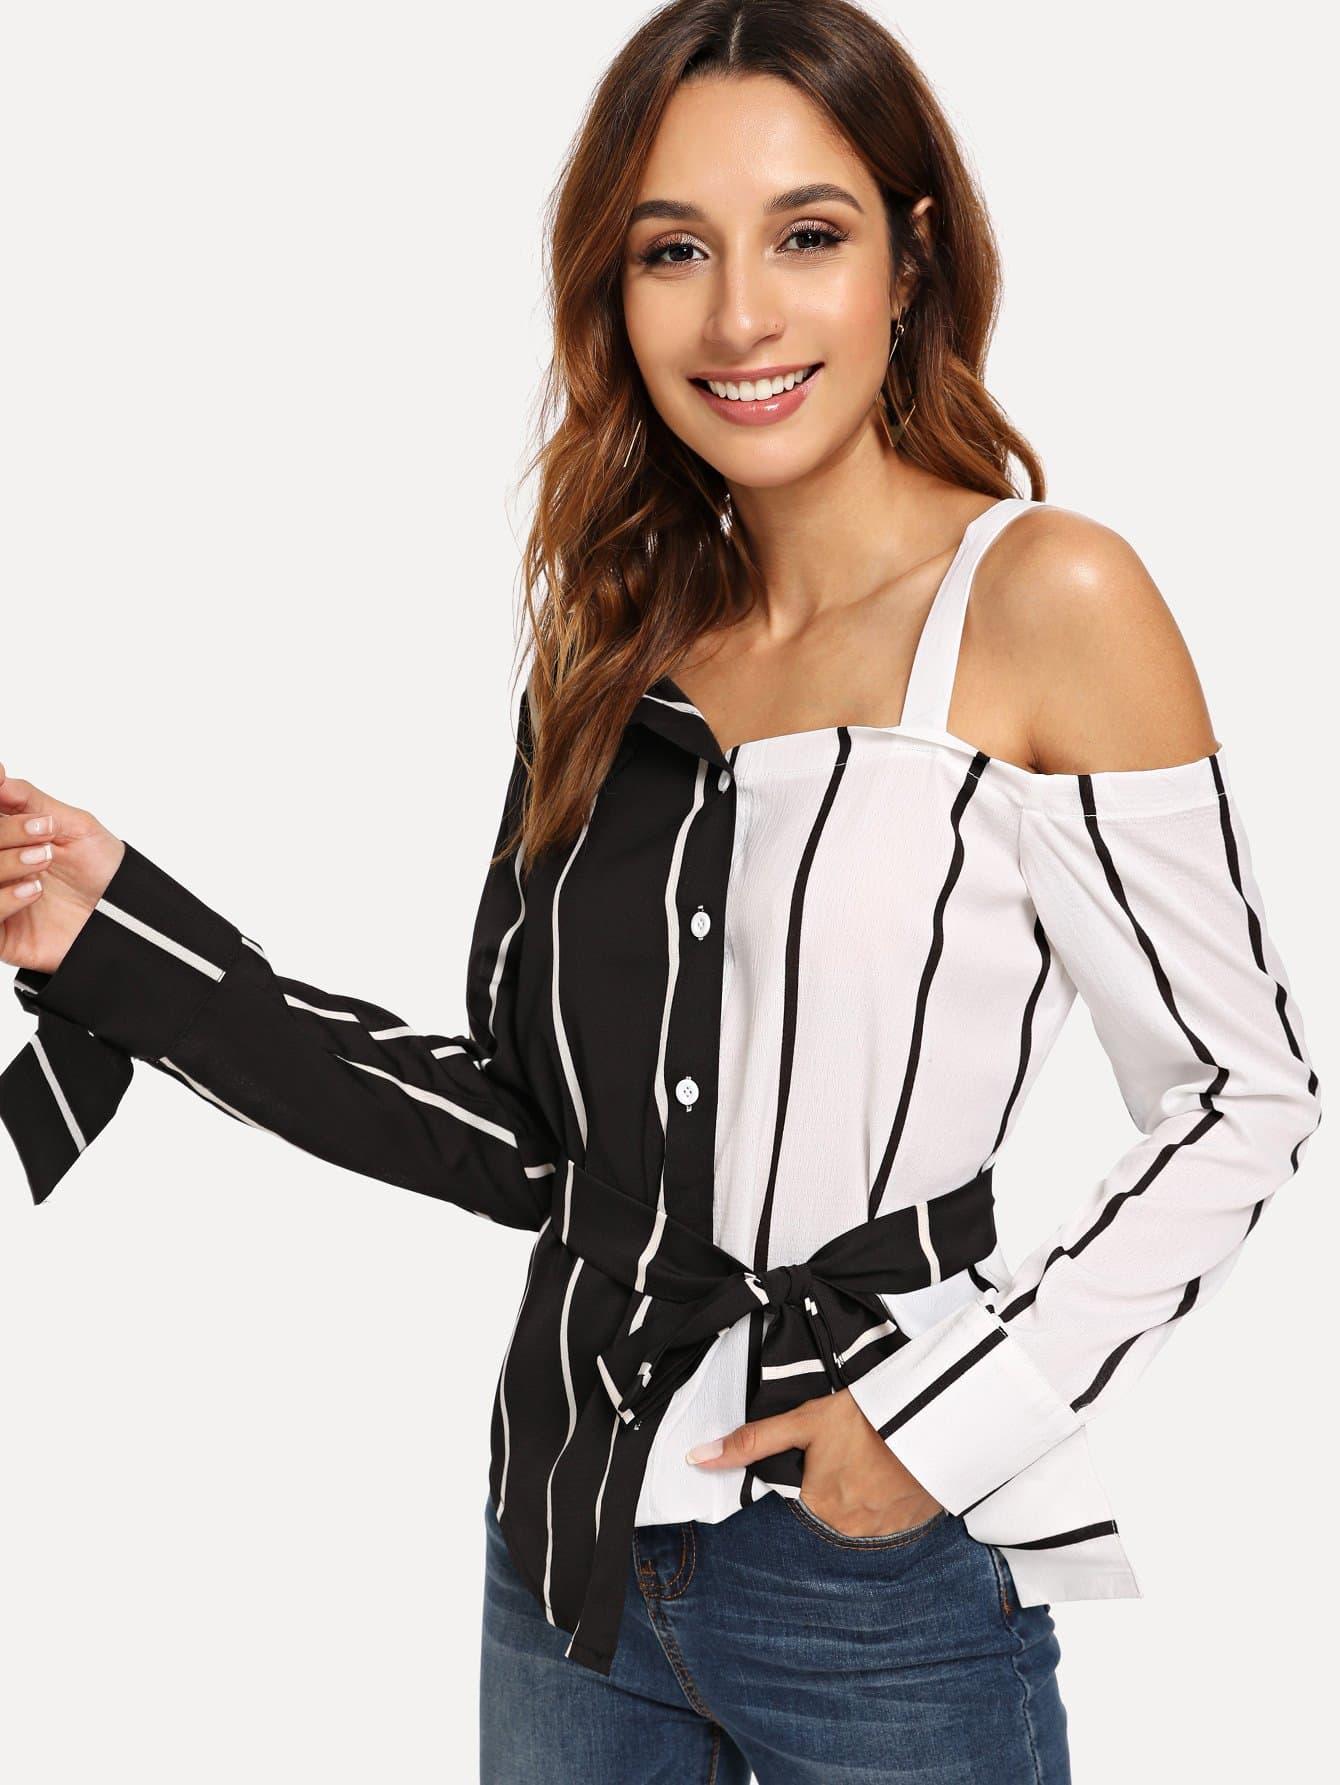 Купить Контрастная асимметричная блузка в полоску, Gabi B, SheIn